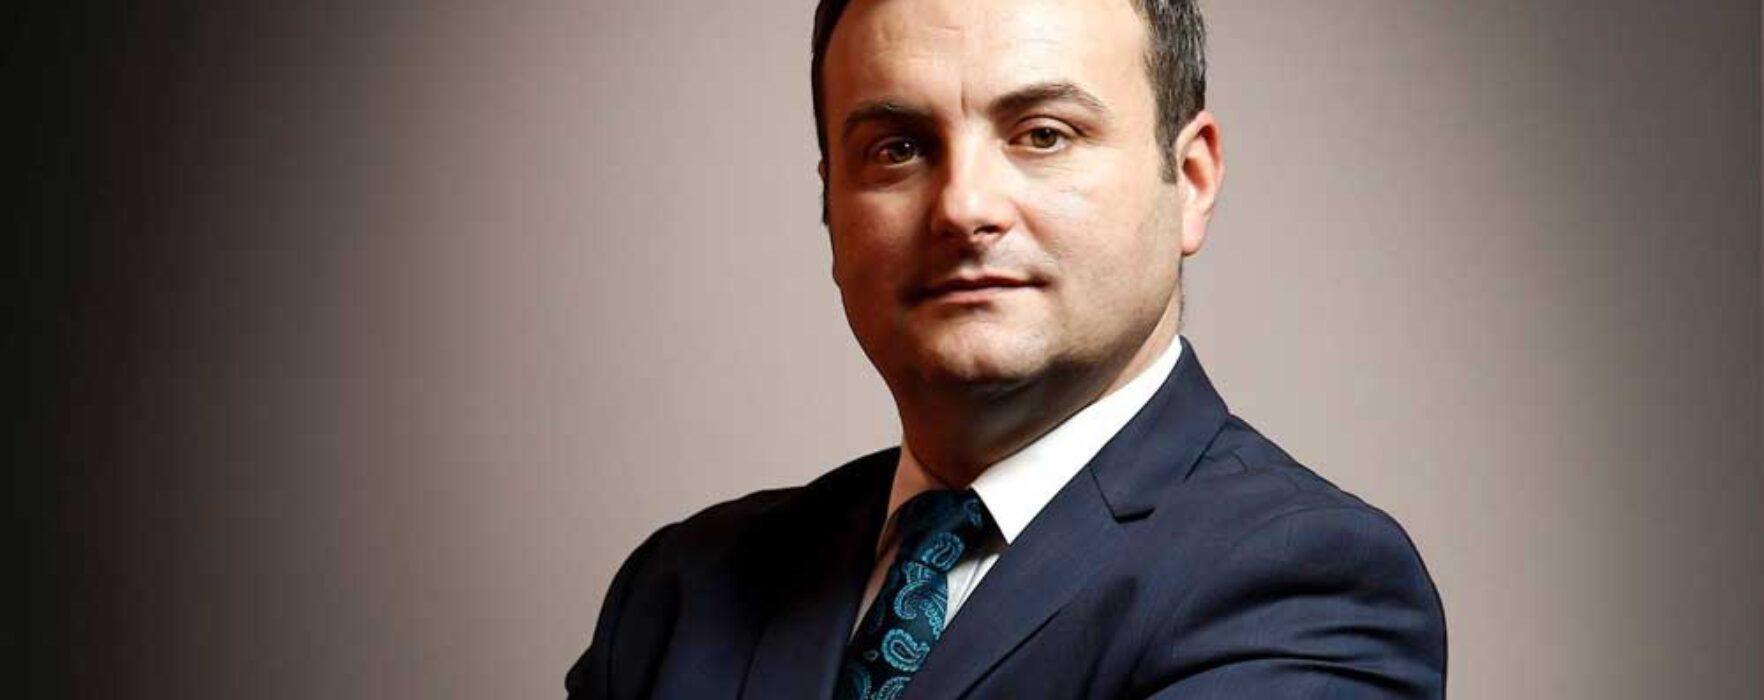 Cătălin Olteanu, candidat Pro România trece la PSD, anunţă PSD Dâmboviţa